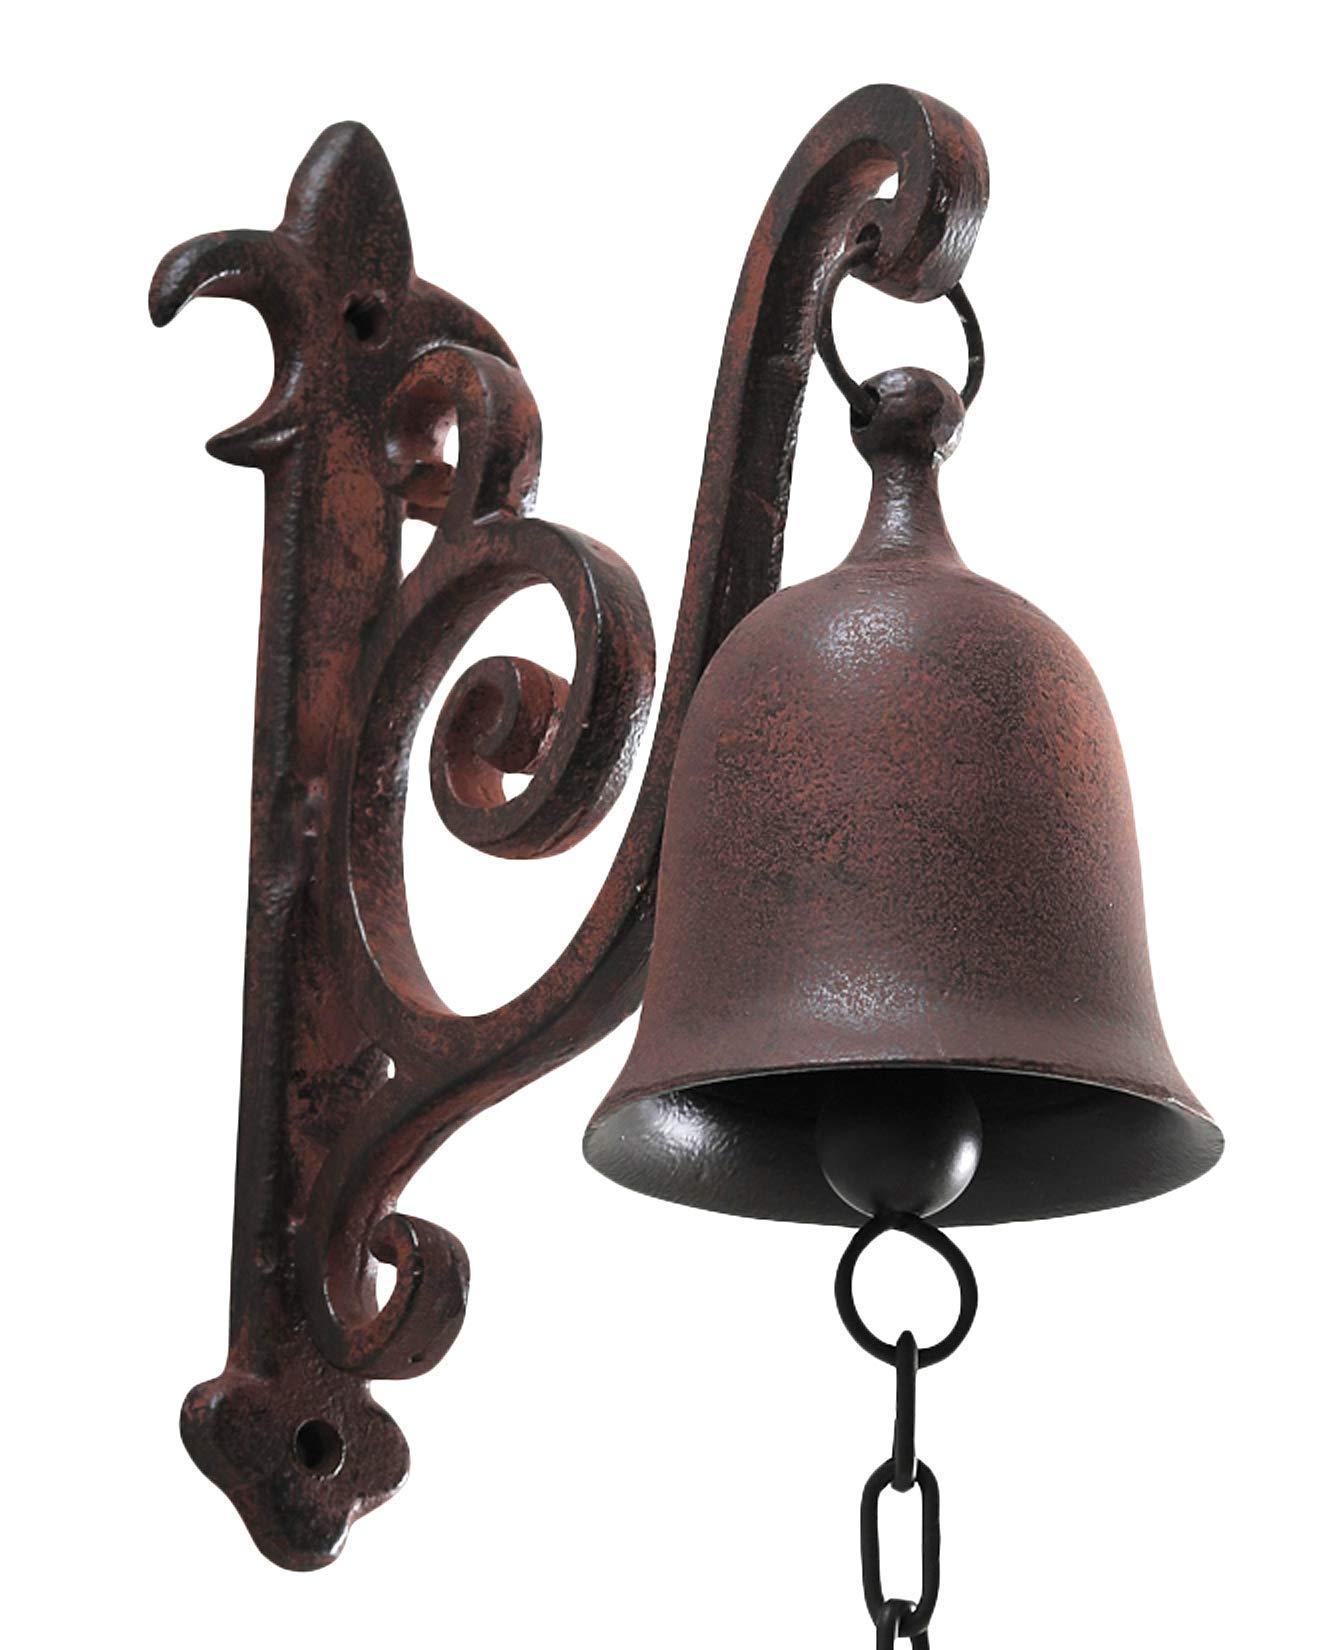 DECONOOR Vintage Cast Iron Rustic Dinner Bell by DECONOOR